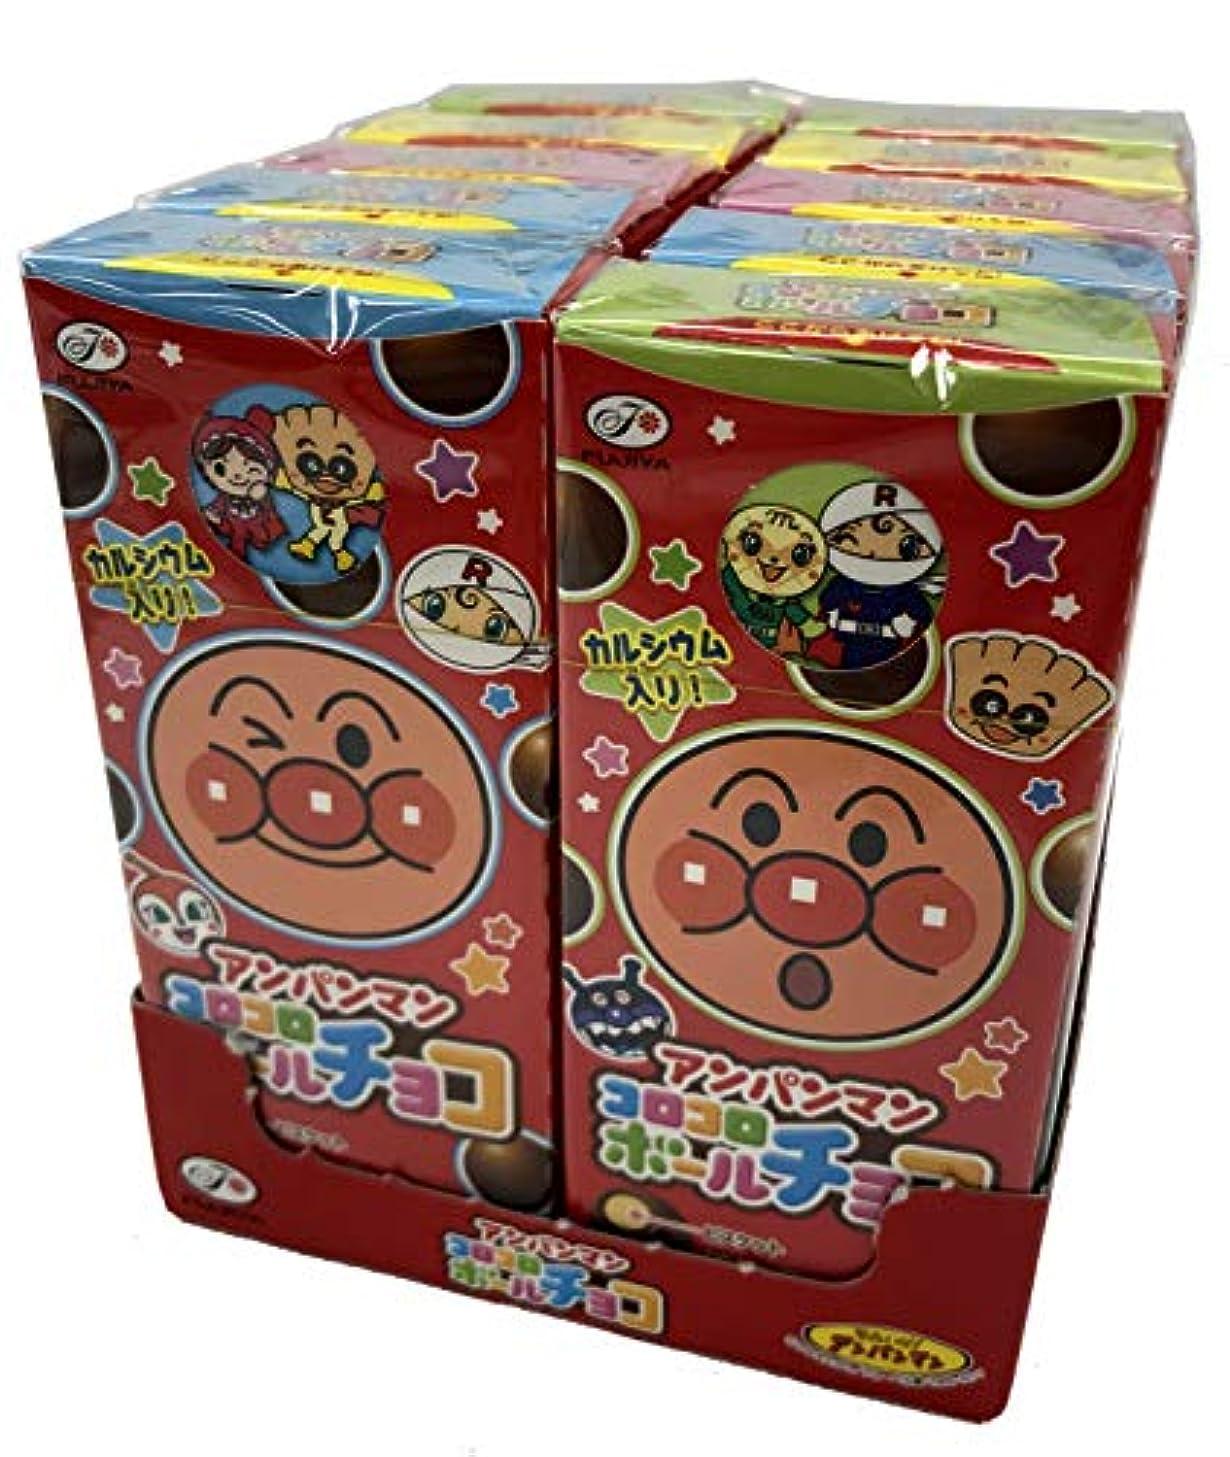 引退する優先権戦士不二家 アンパンマンコロコロボール(チョコ) 20g×10箱